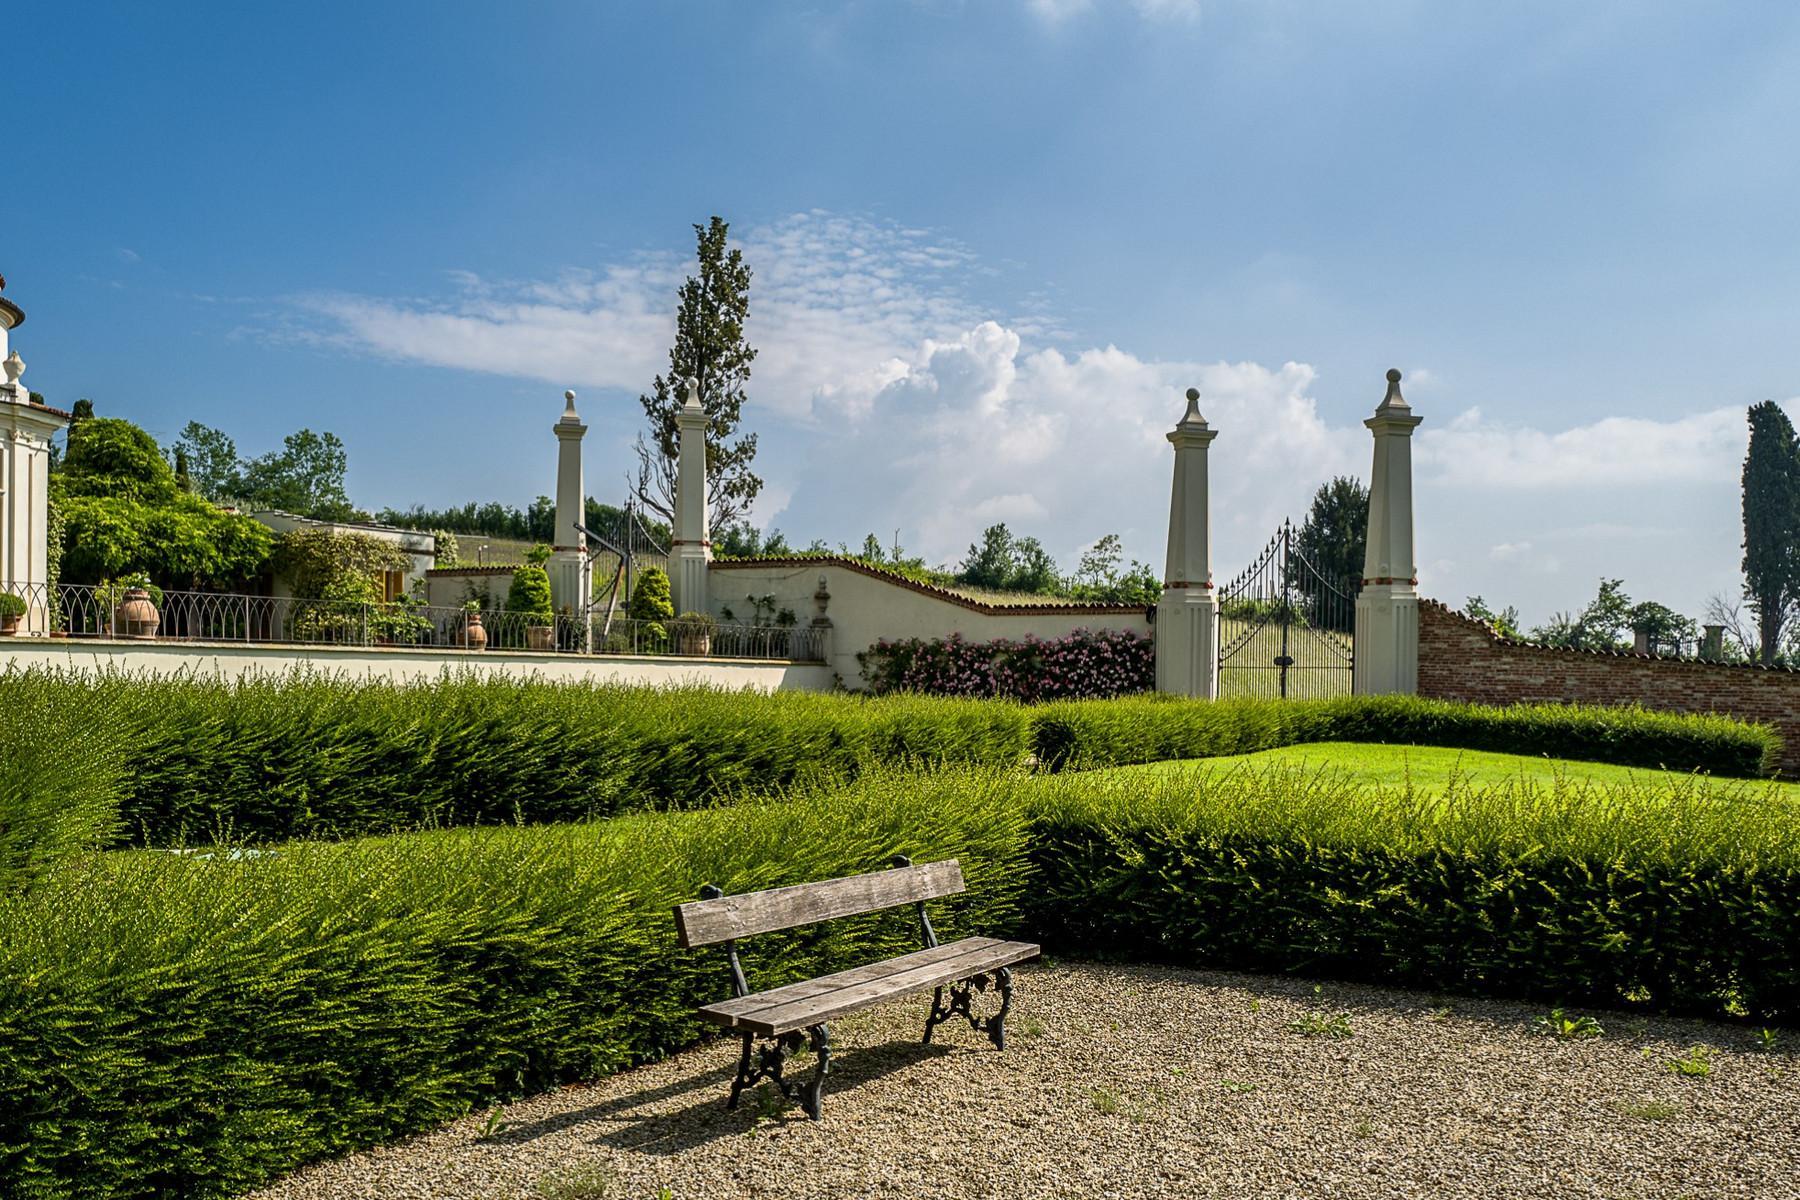 Wohnung in einer antiken Villa in Chieri - 18